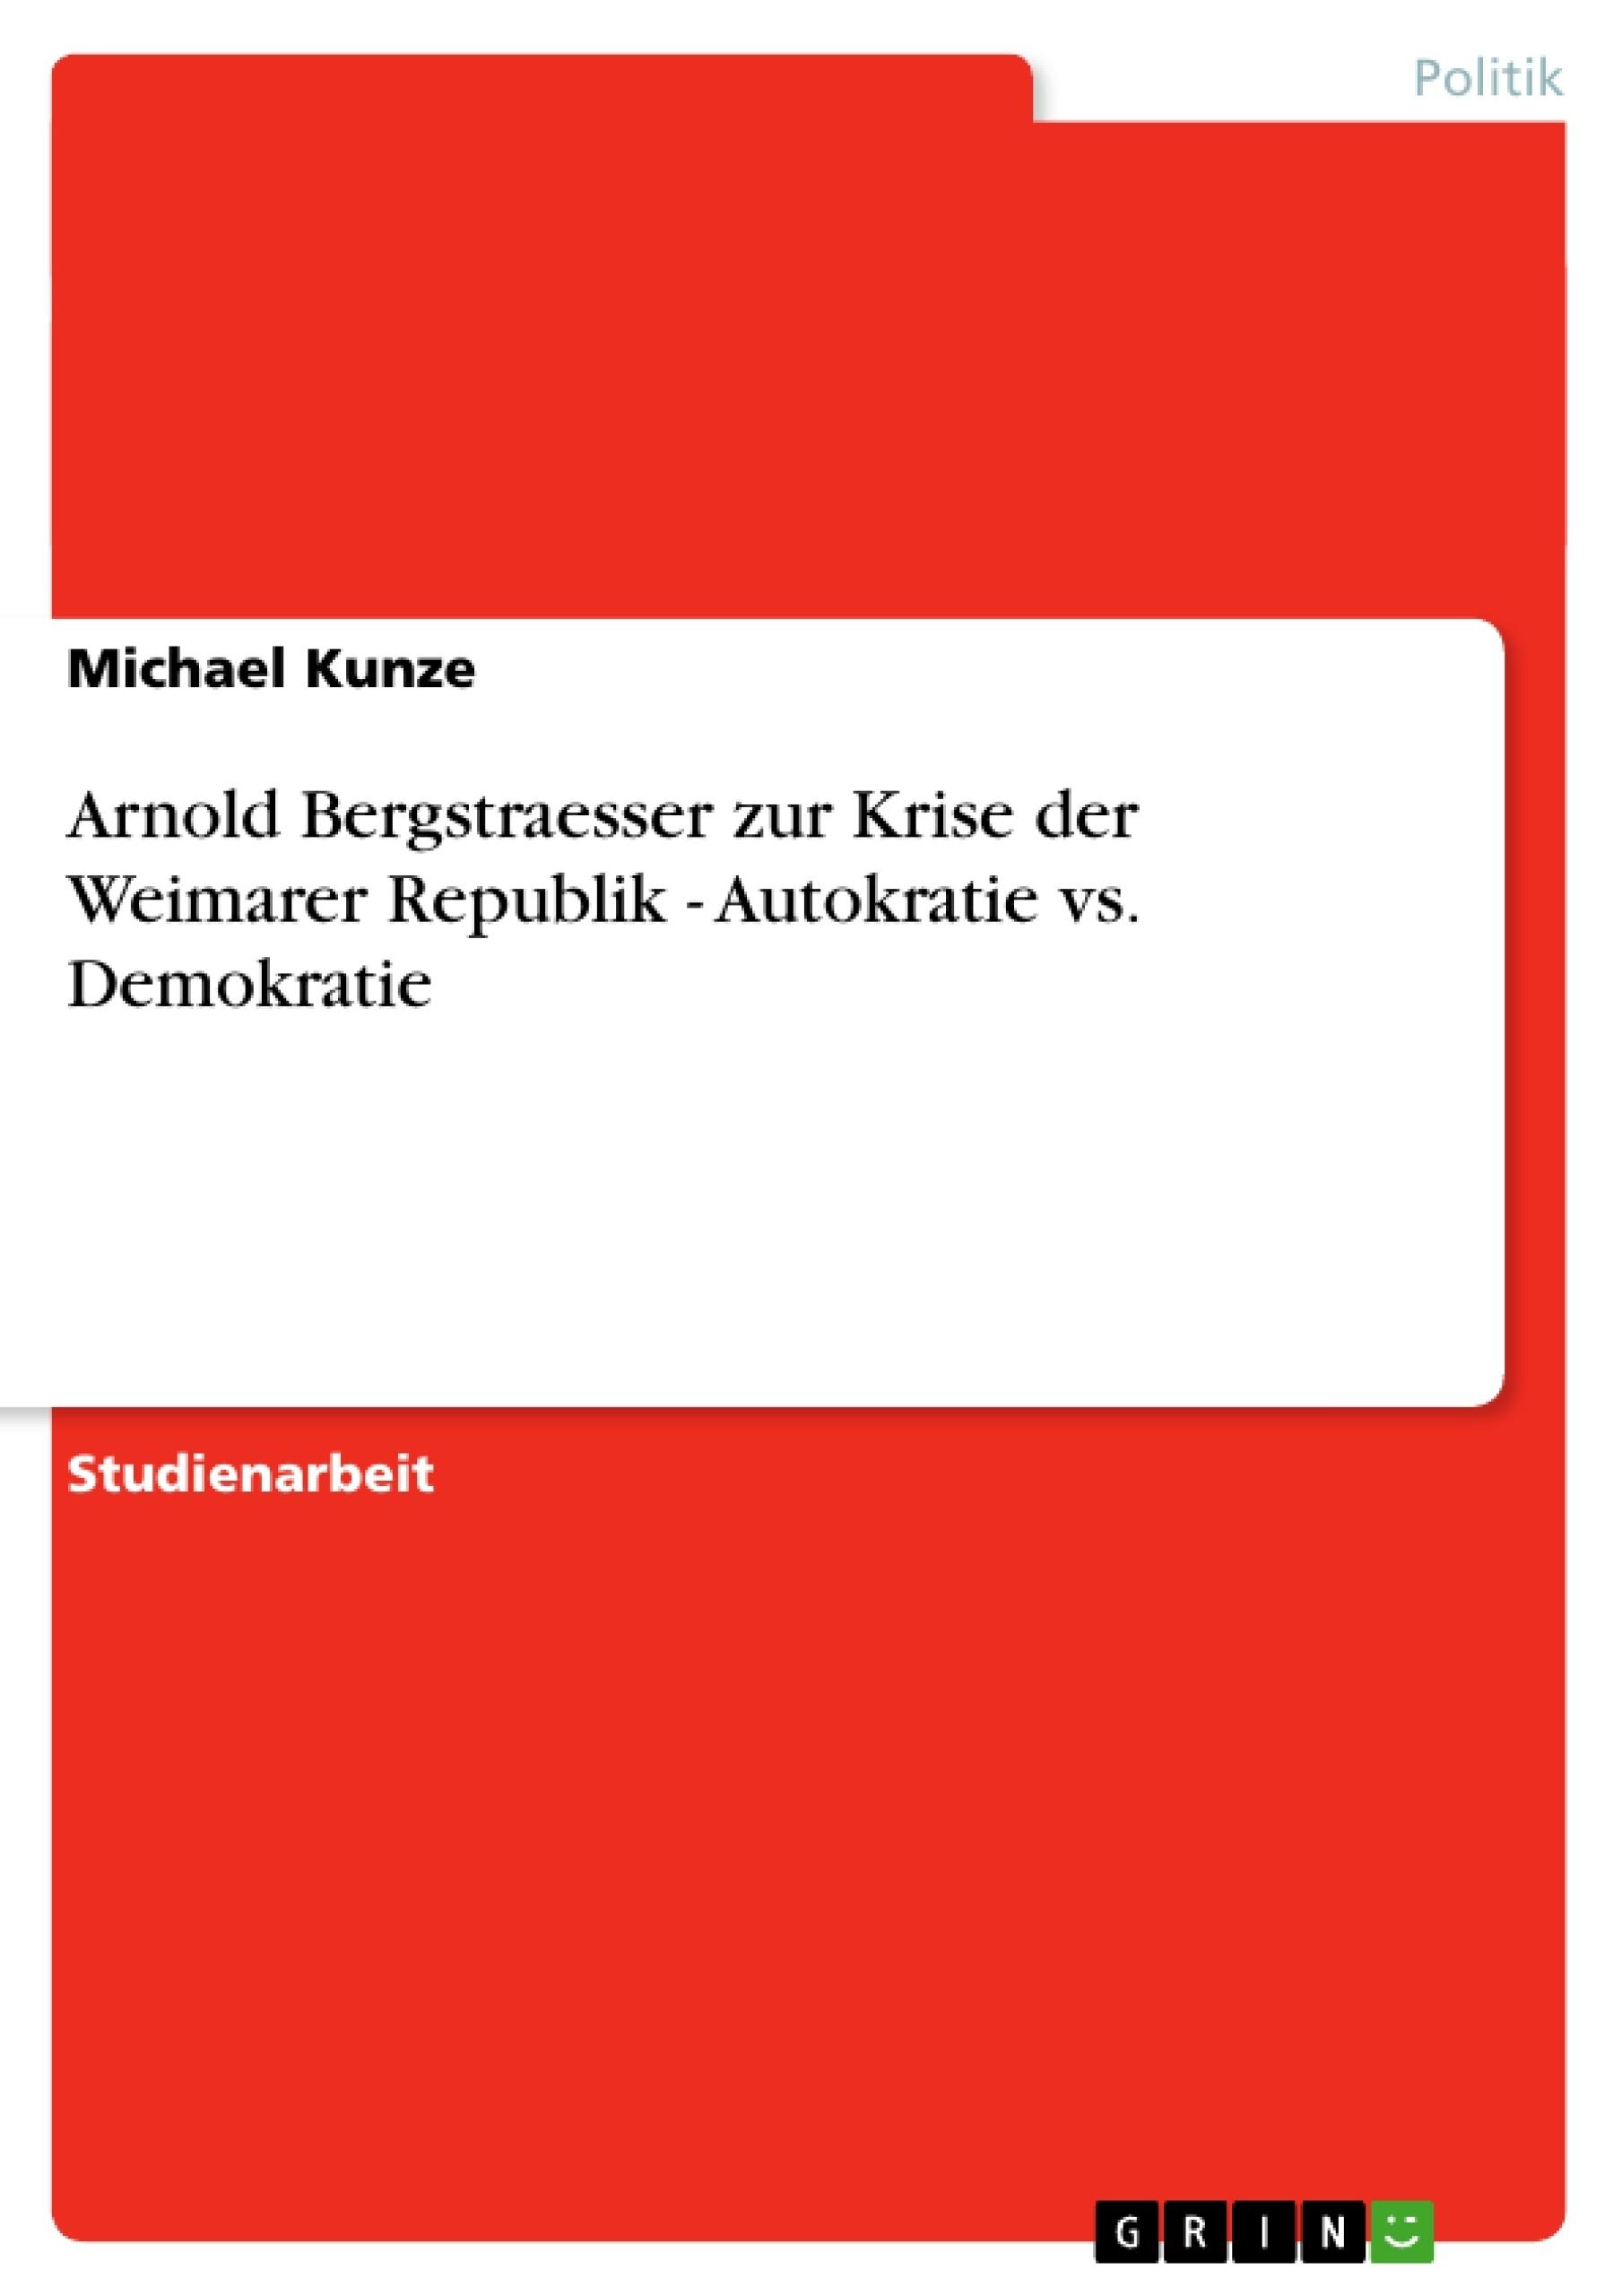 Titel: Arnold Bergstraesser zur Krise der Weimarer Republik - Autokratie vs. Demokratie